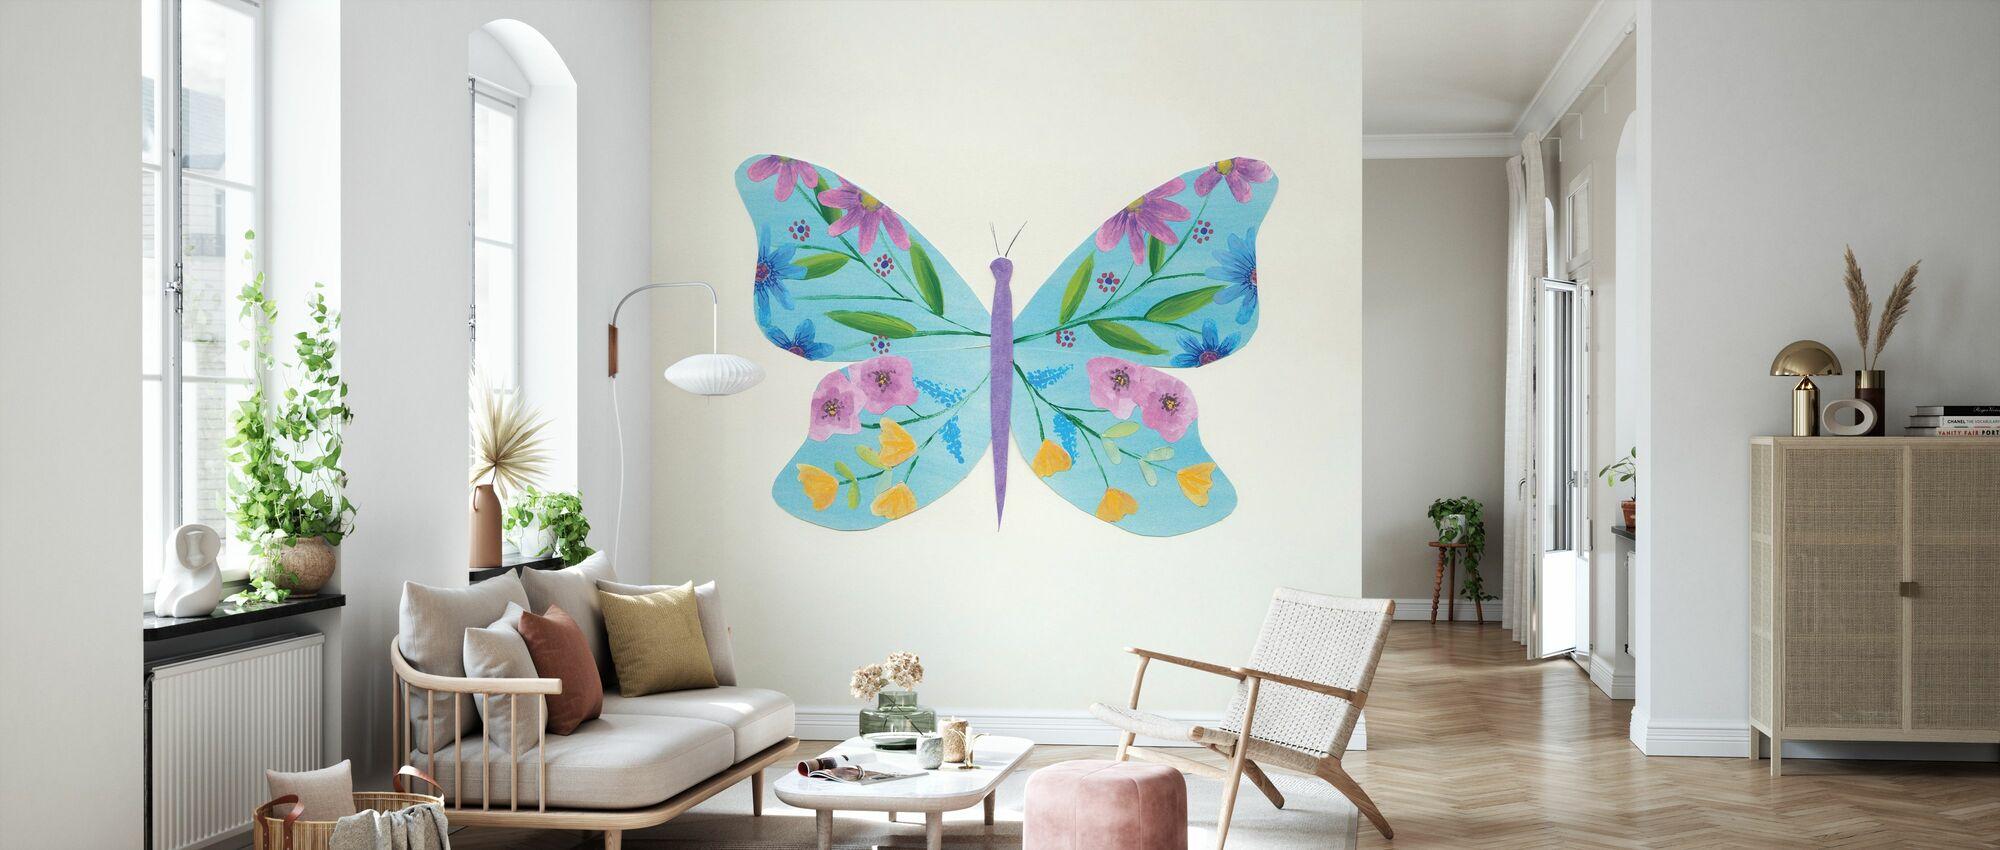 Sommerfugl Garden II - Tapet - Stue